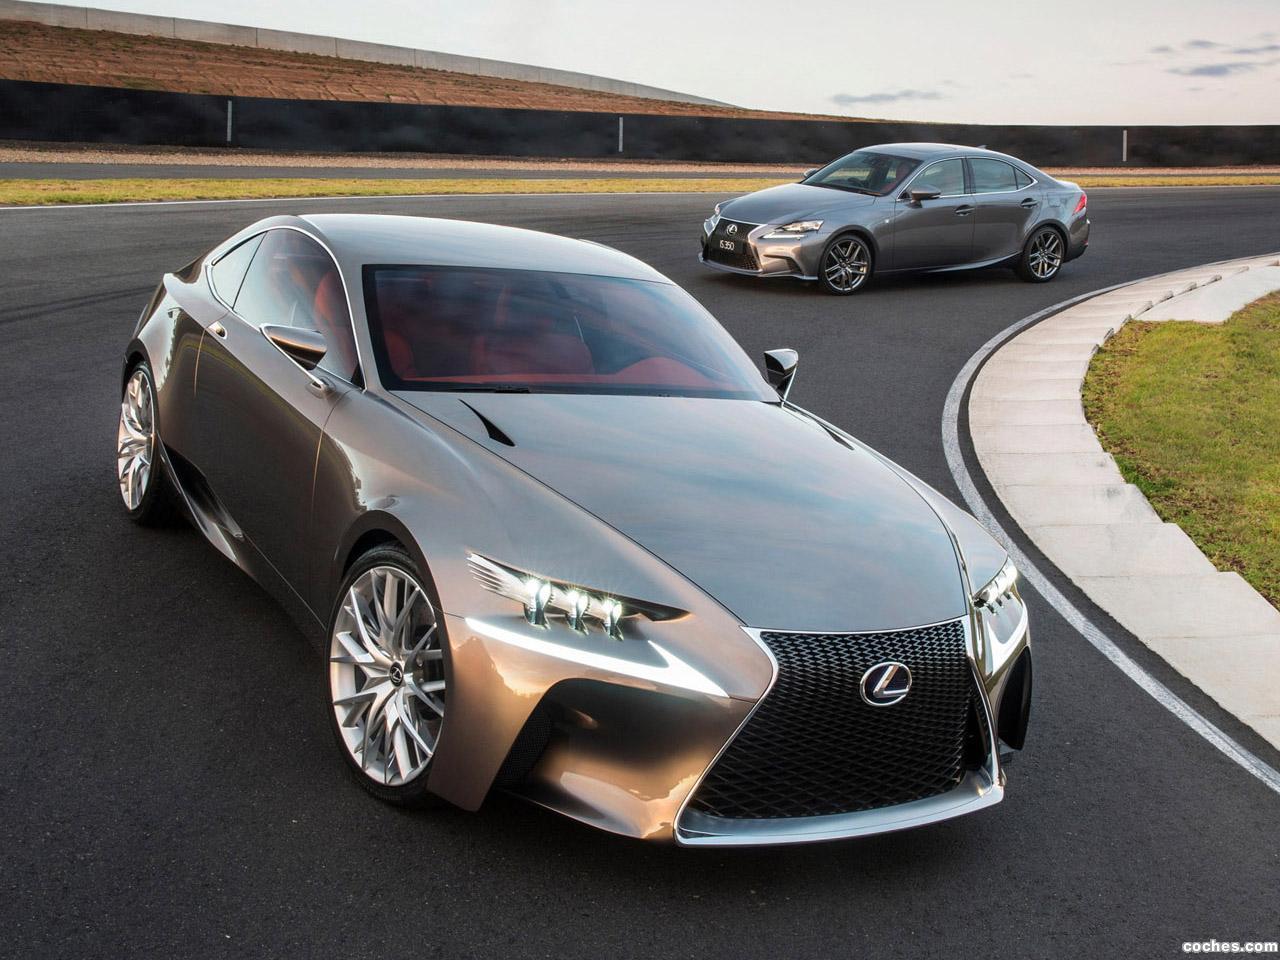 Foto 8 de Lexus LF-CC Concept 2012